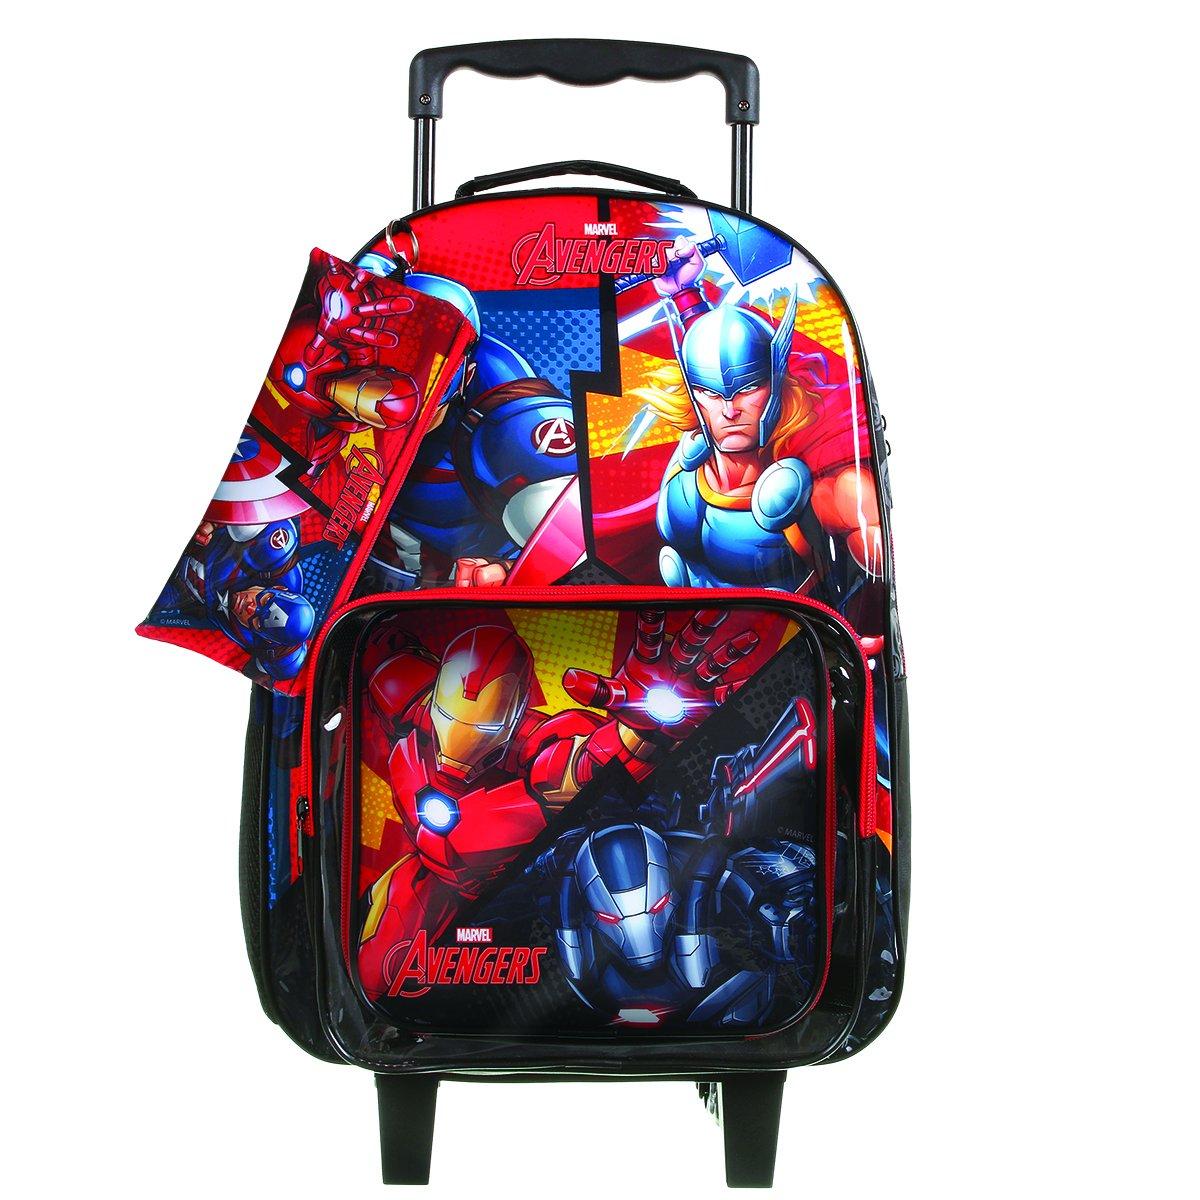 Kit Escolar Avengers Mochila + Lancheira + Estojo  Preto